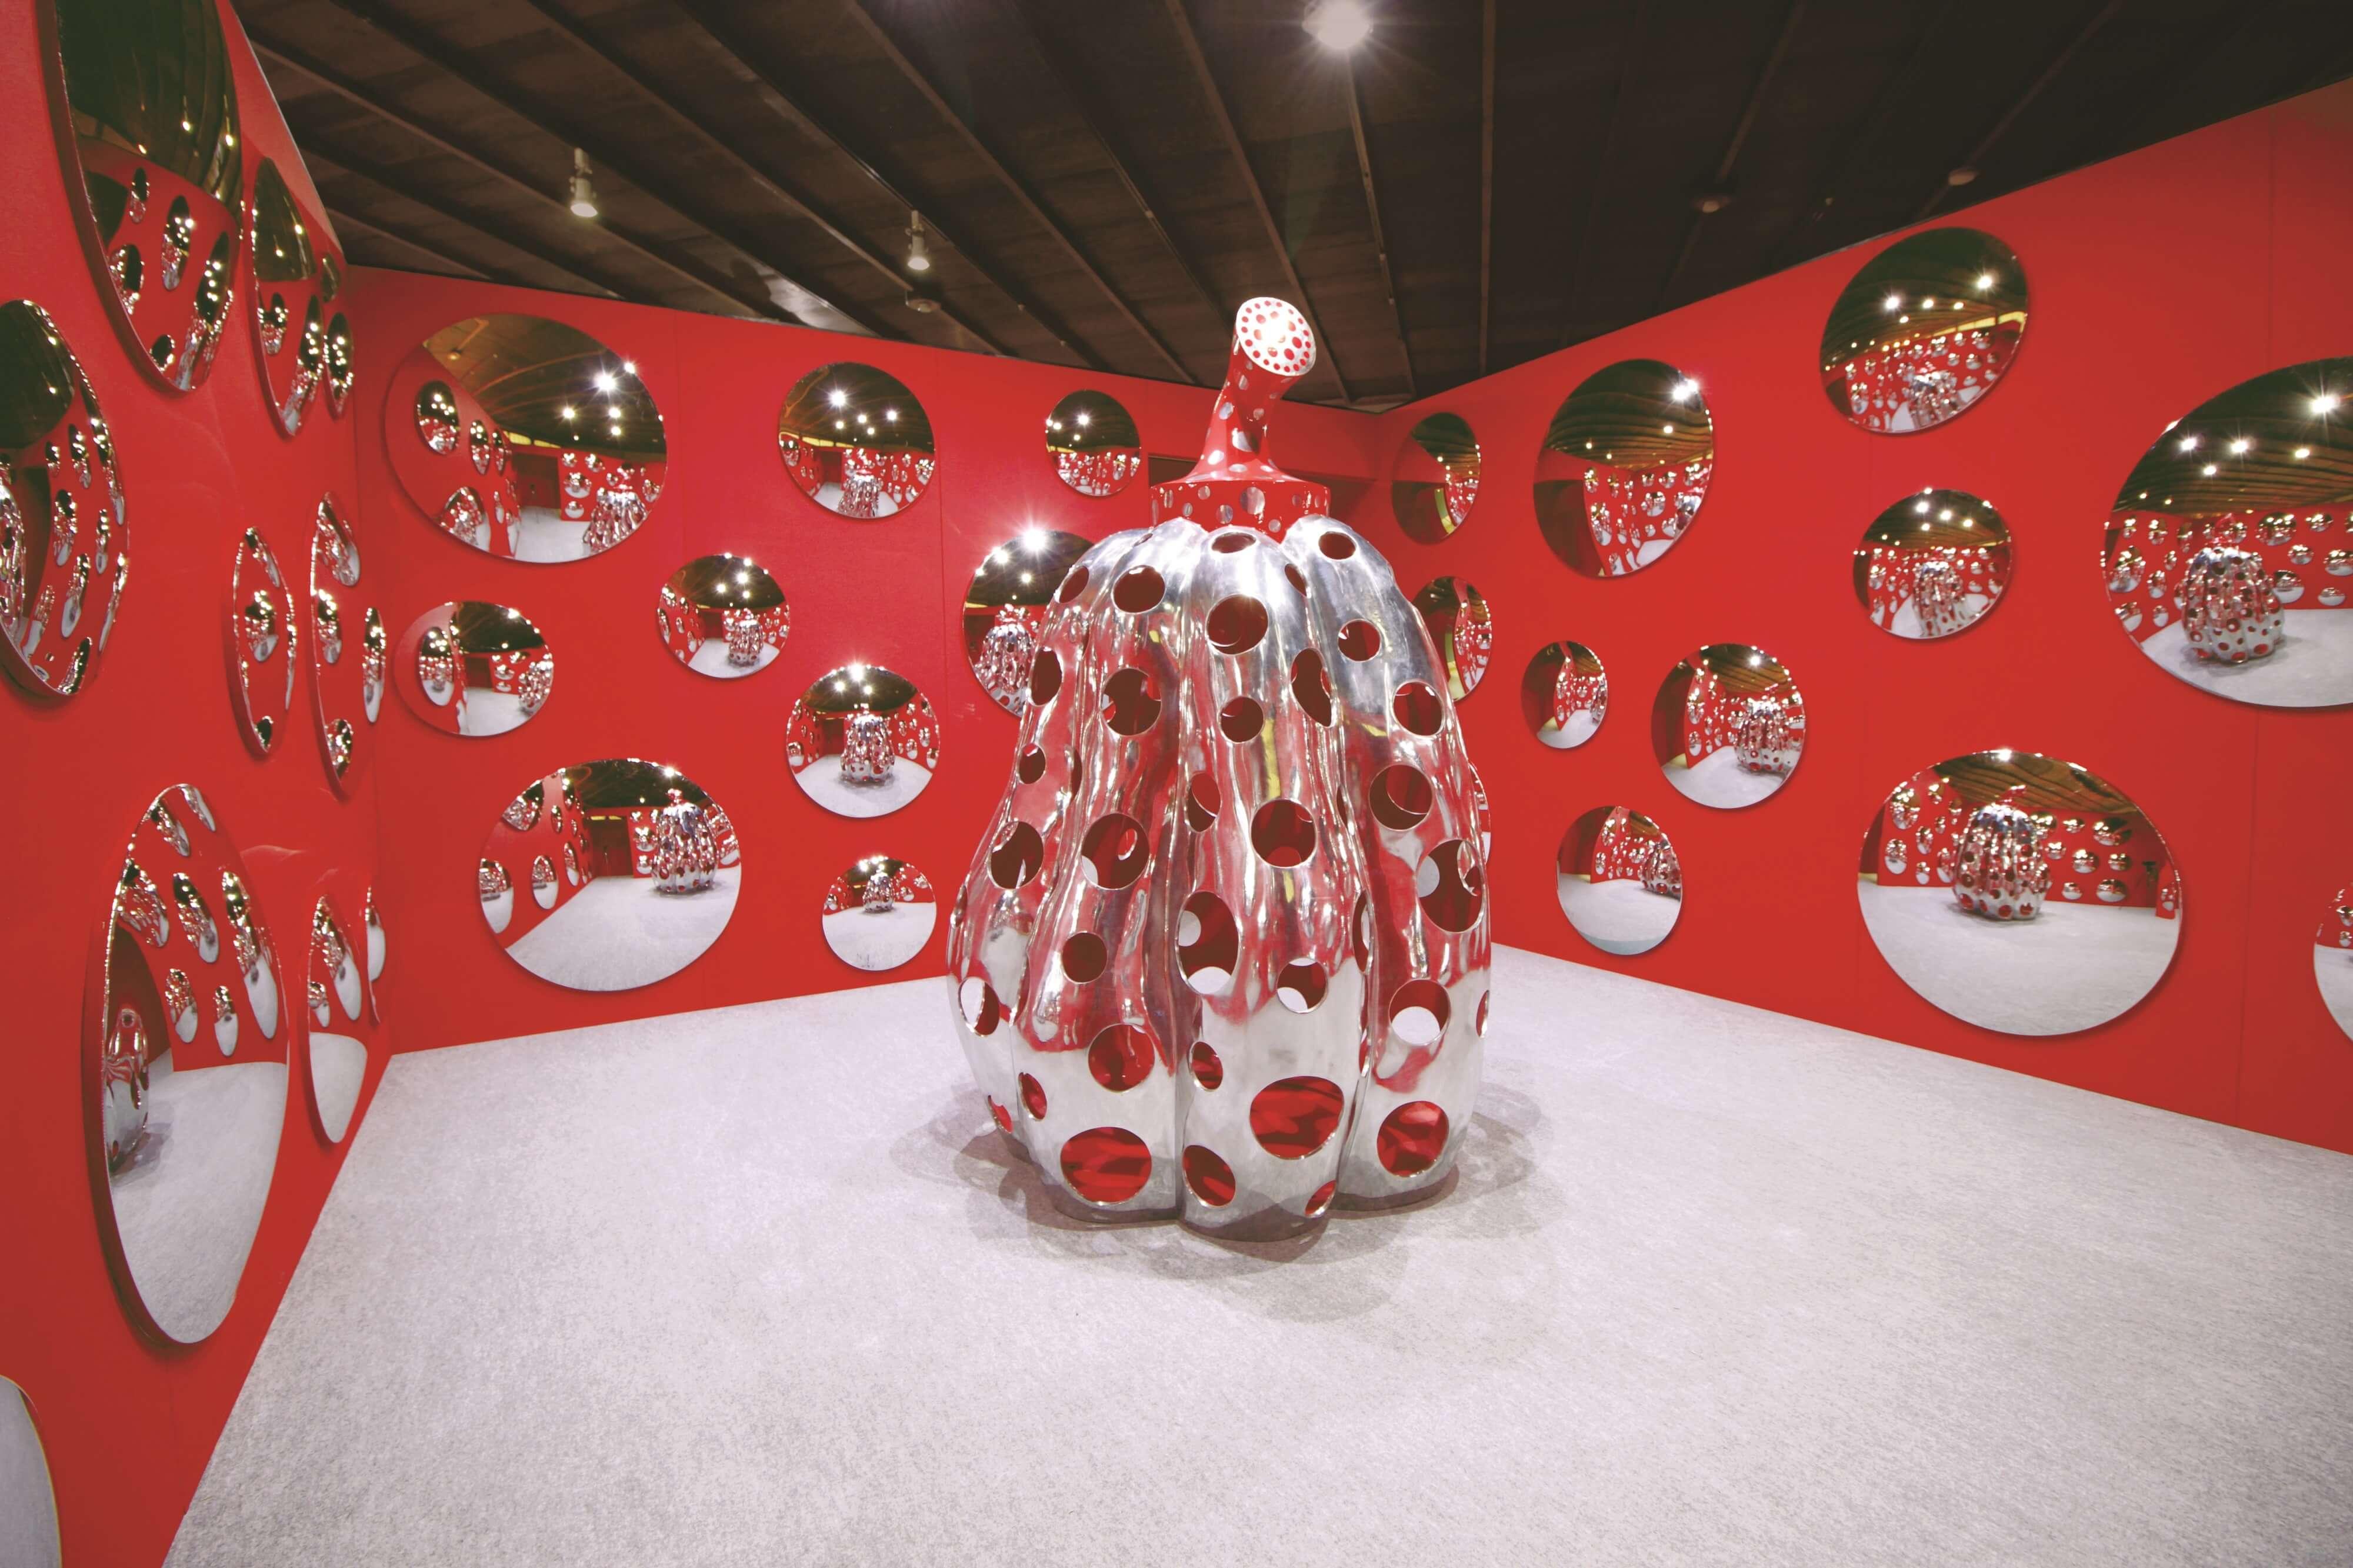 正在舉行「草間彌生 永遠的南瓜展」的京都祇園「FOREVER現代美術館」將於2月閉館 在京都、藝術、